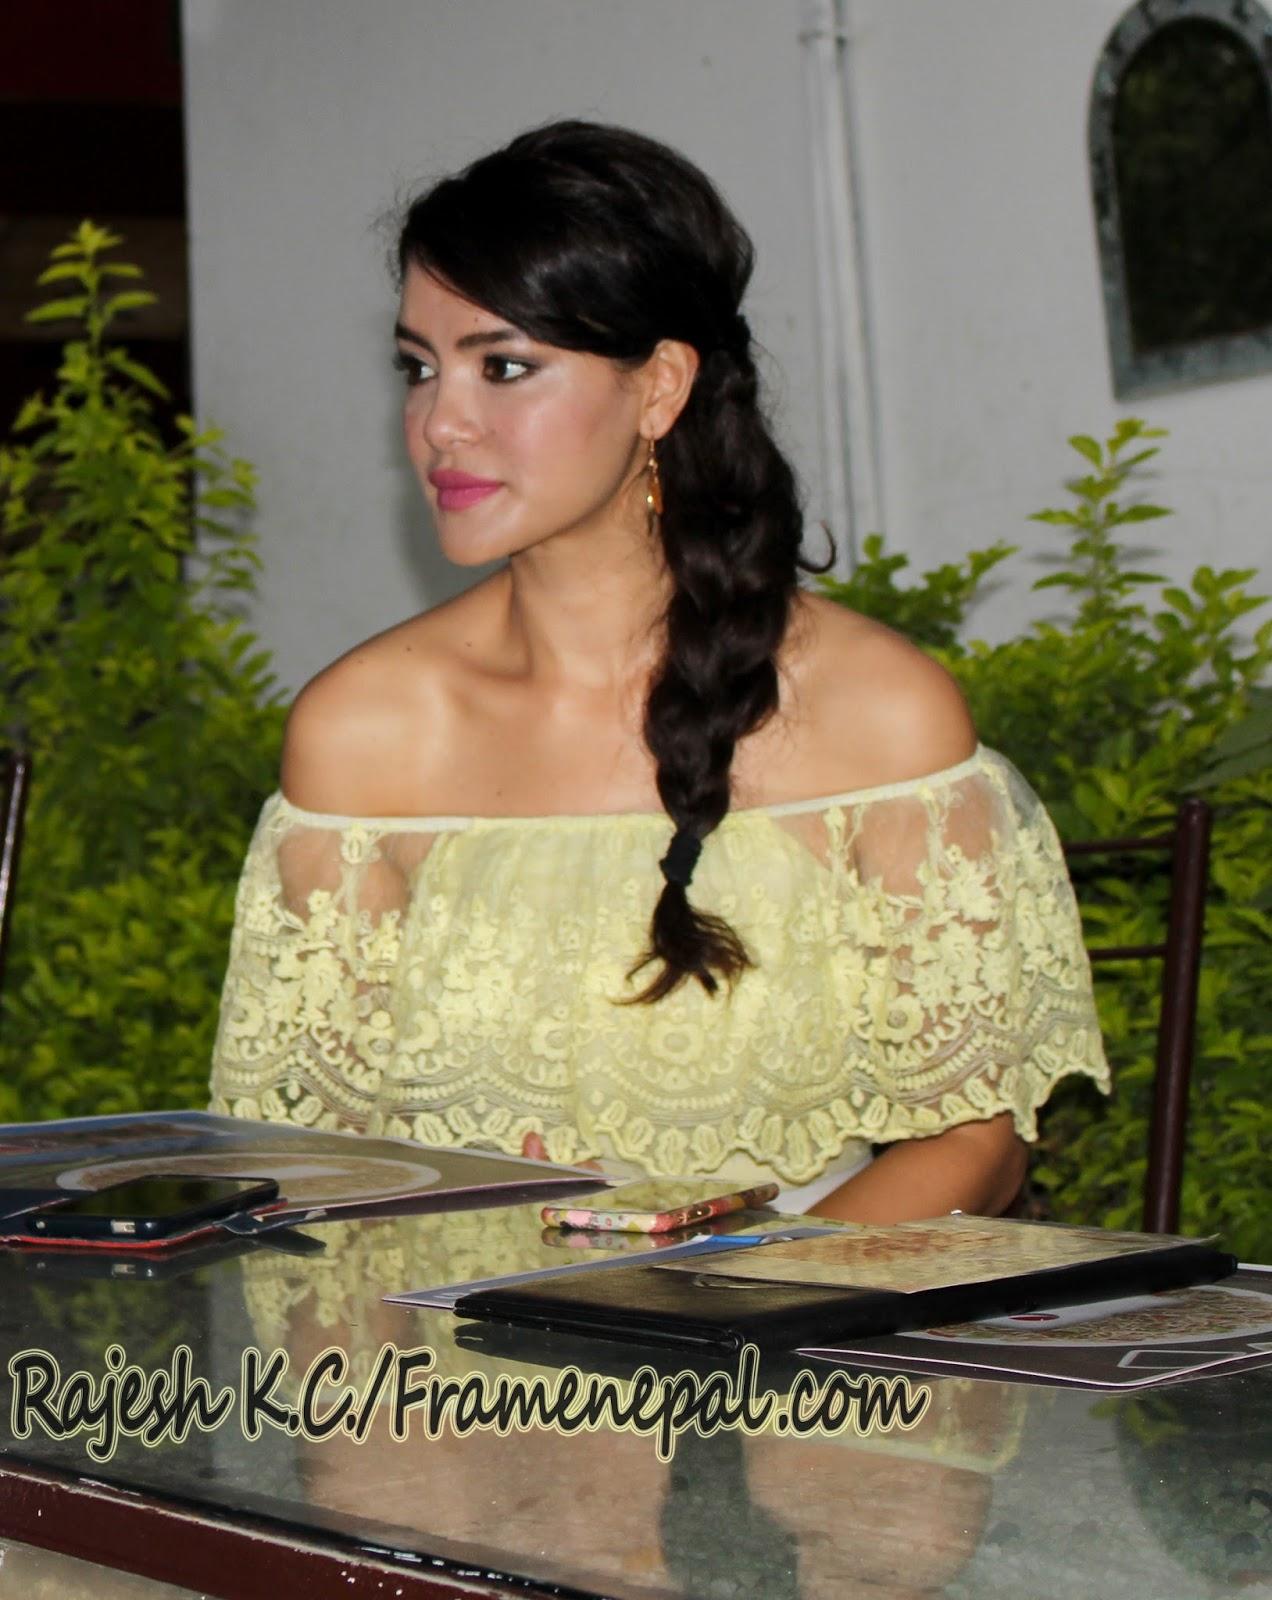 Actress Shristi Shrestha, Best Image for Shristi Shrestha